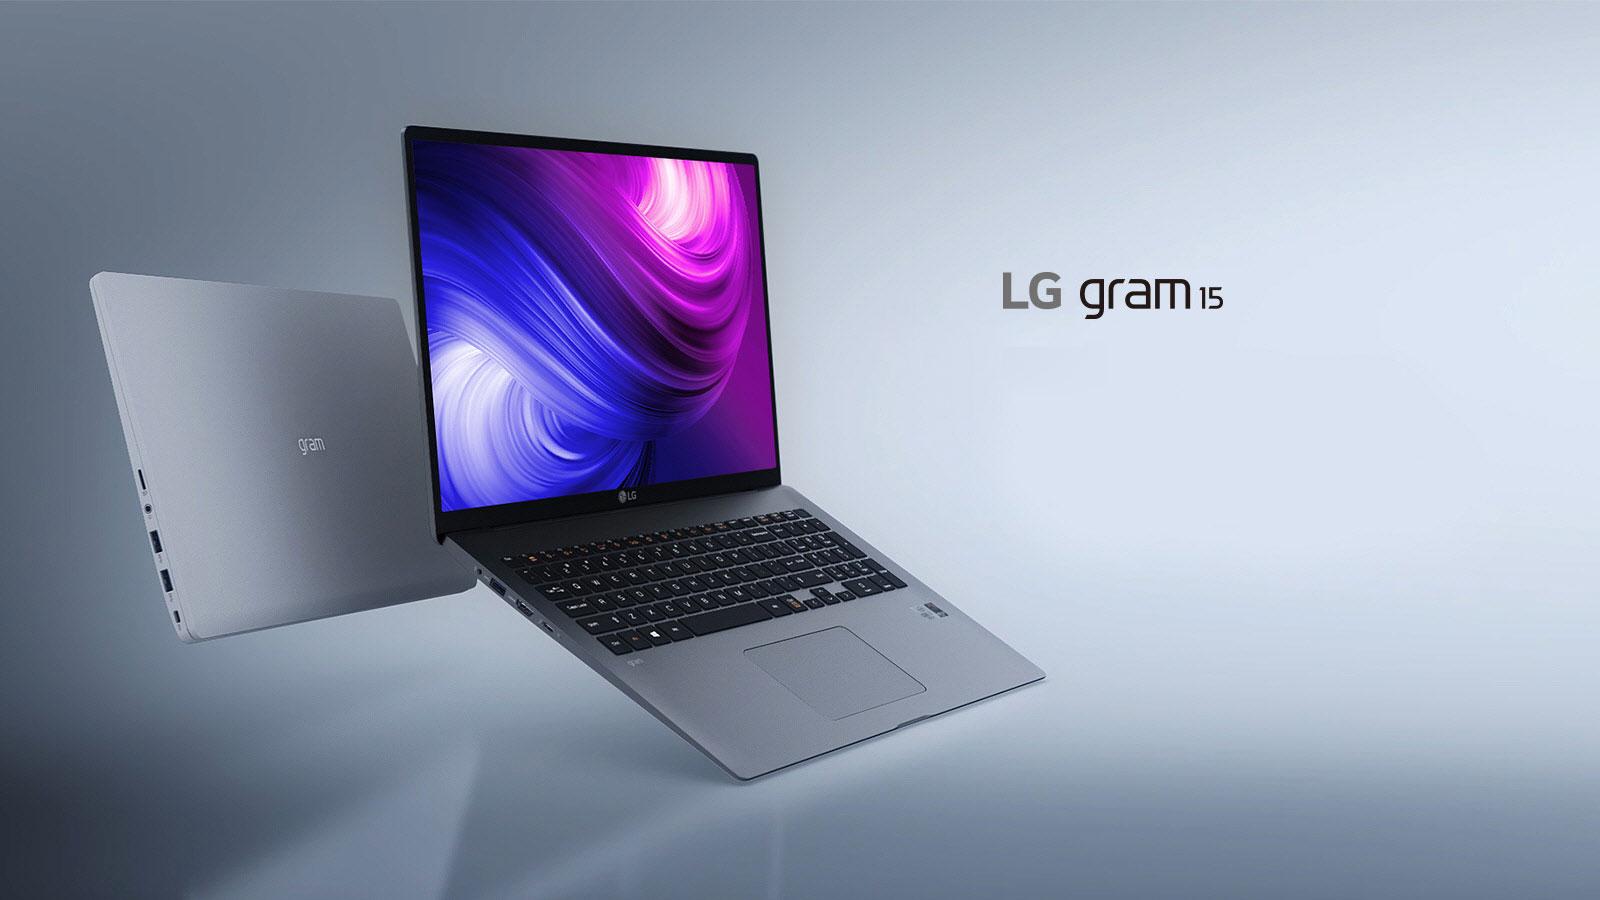 Đi mọi nơi, Làm mọi việc. LG gram 15